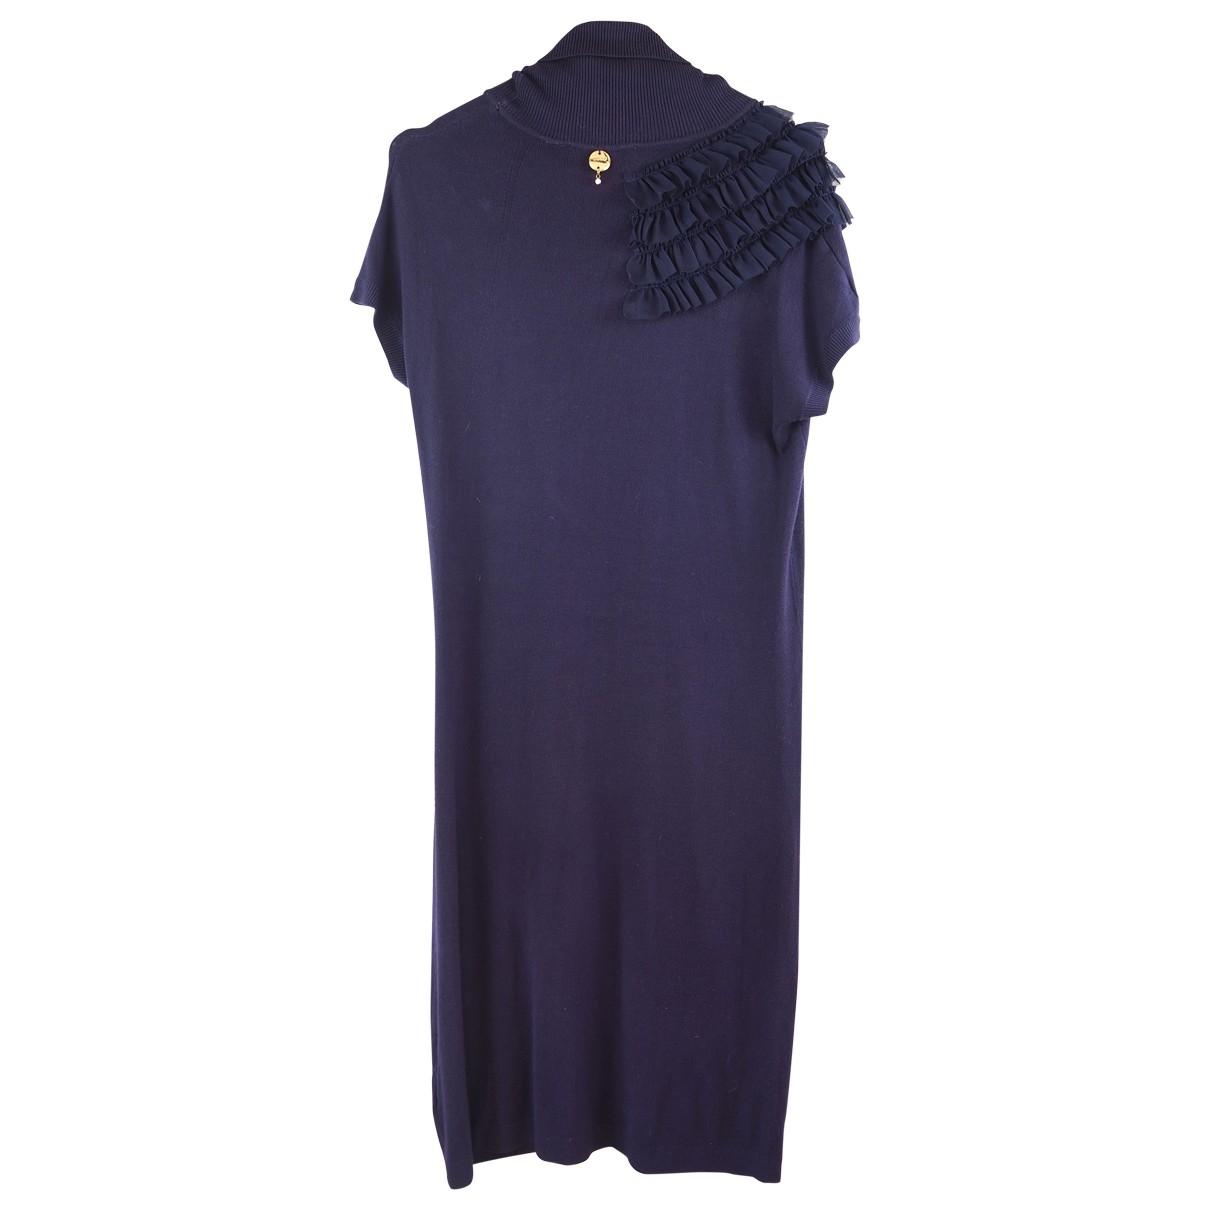 Liu.jo - Robe   pour femme en laine - violet